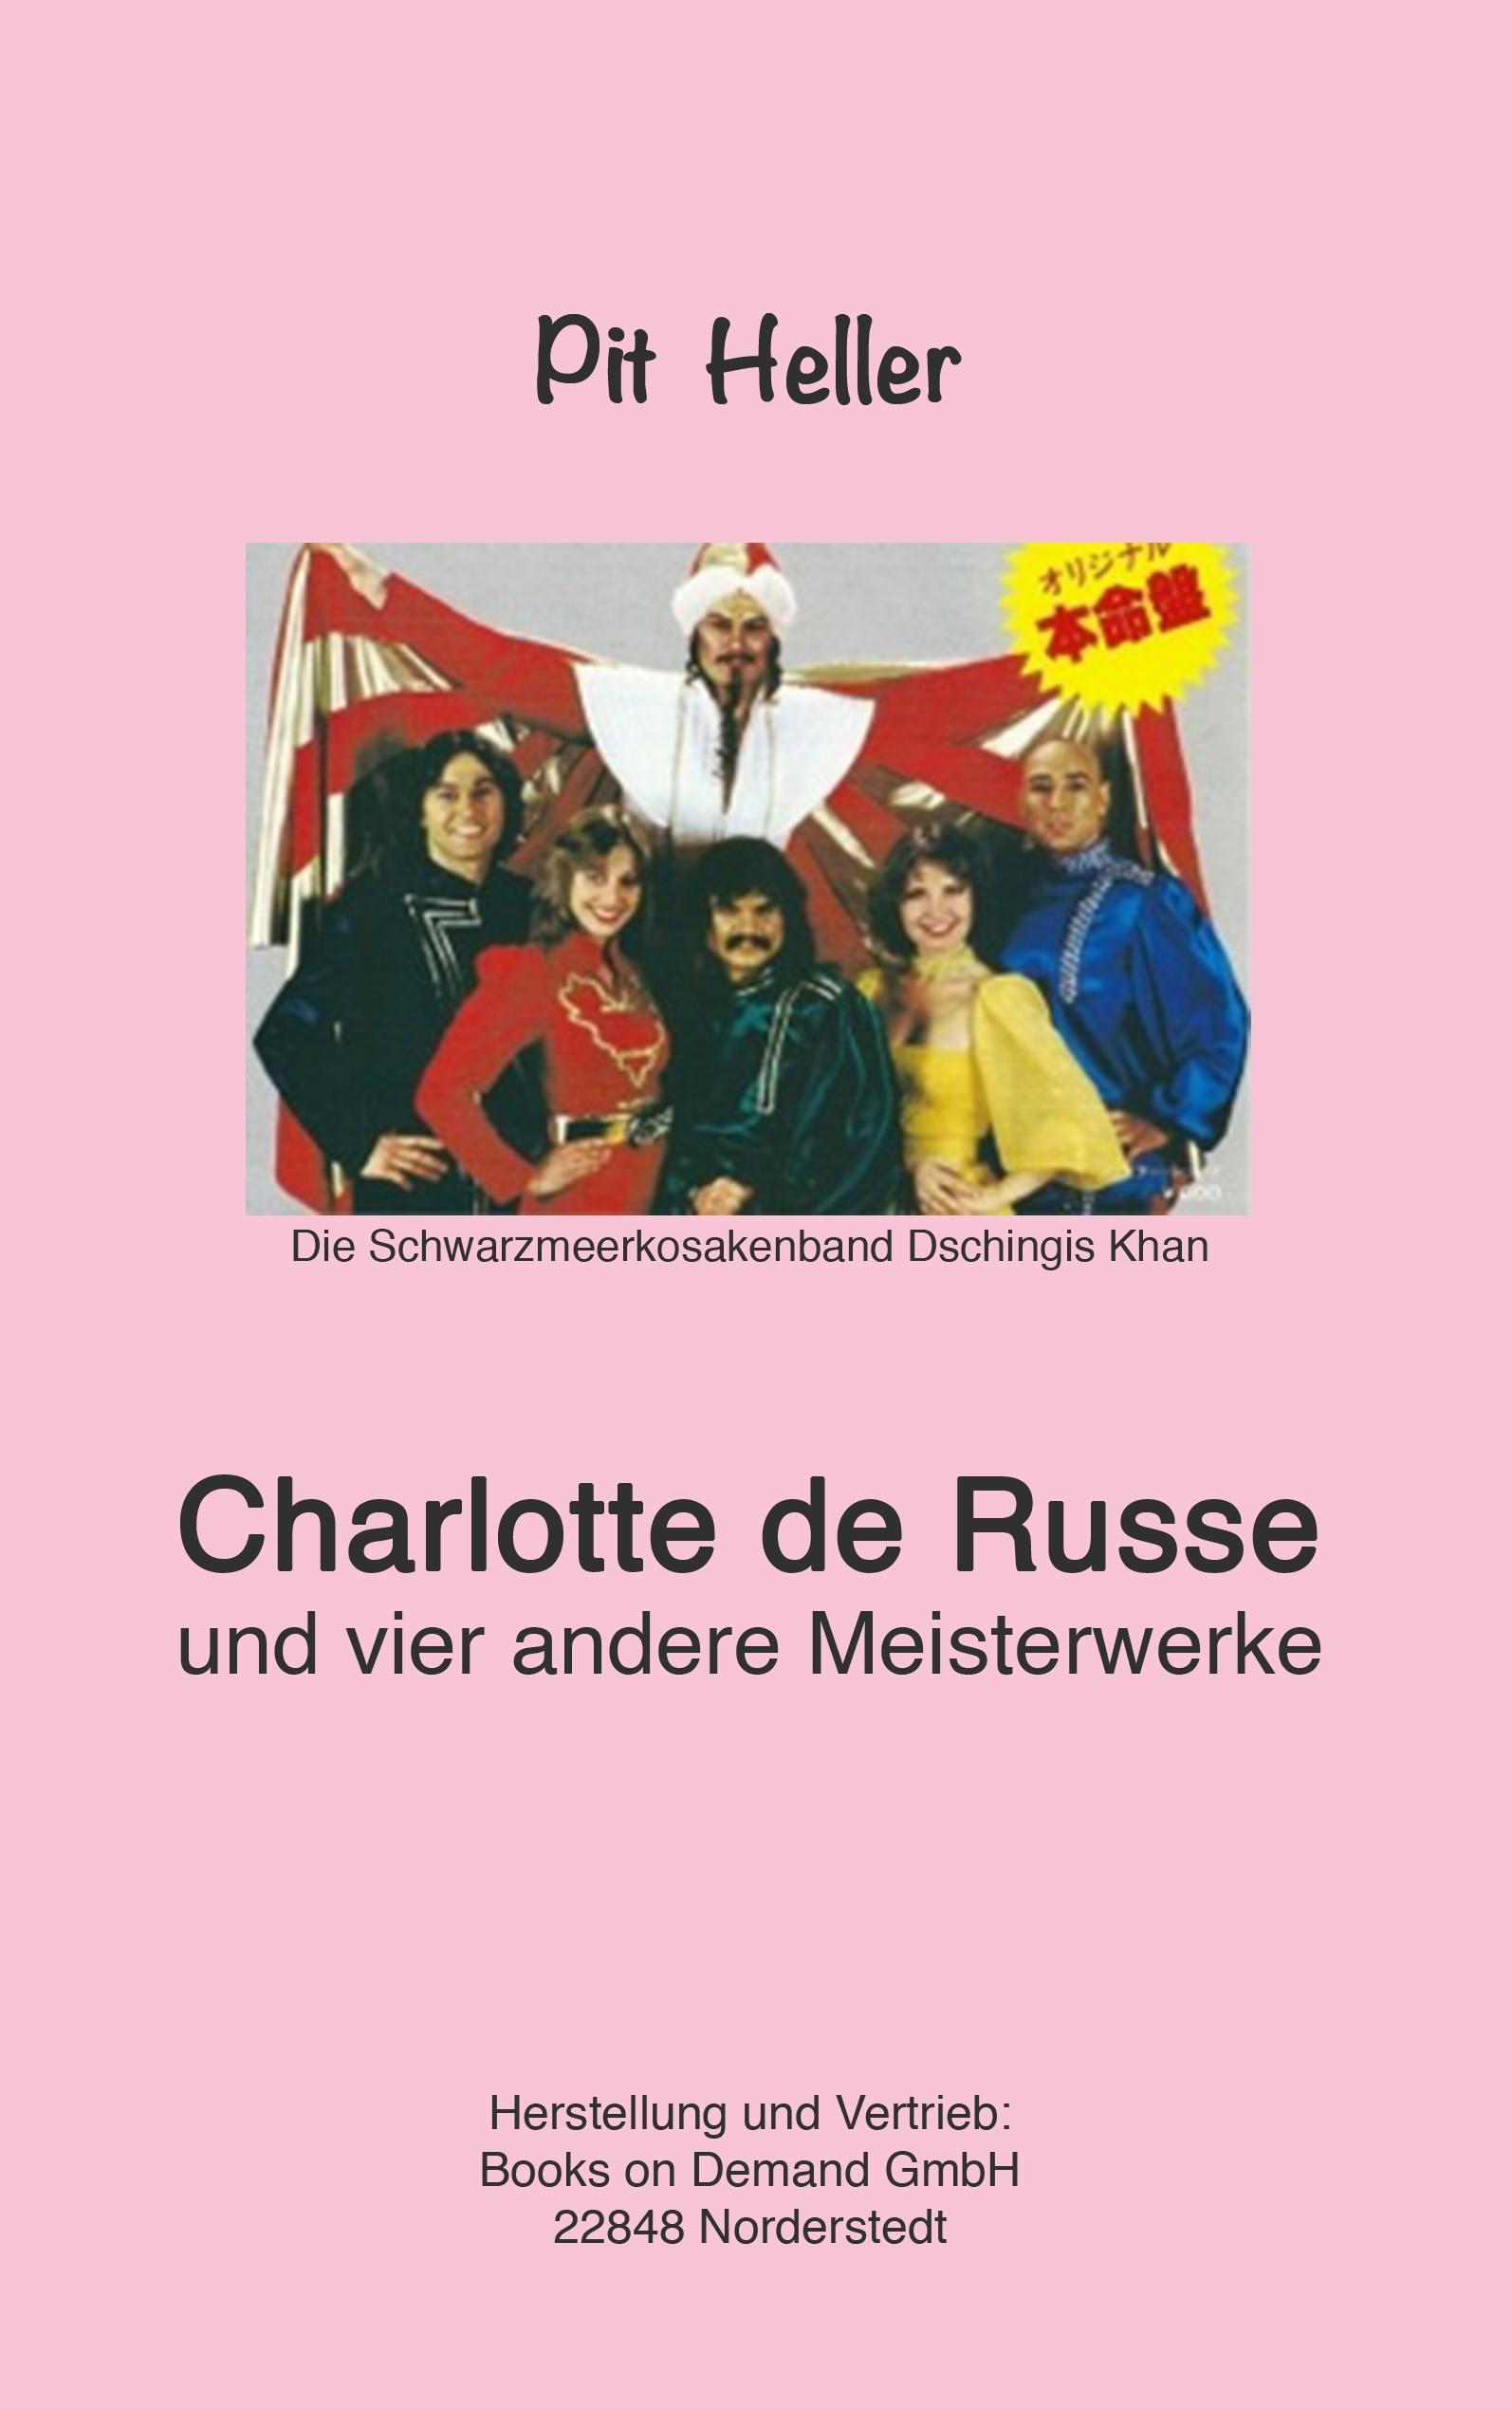 Charlotte de Russe